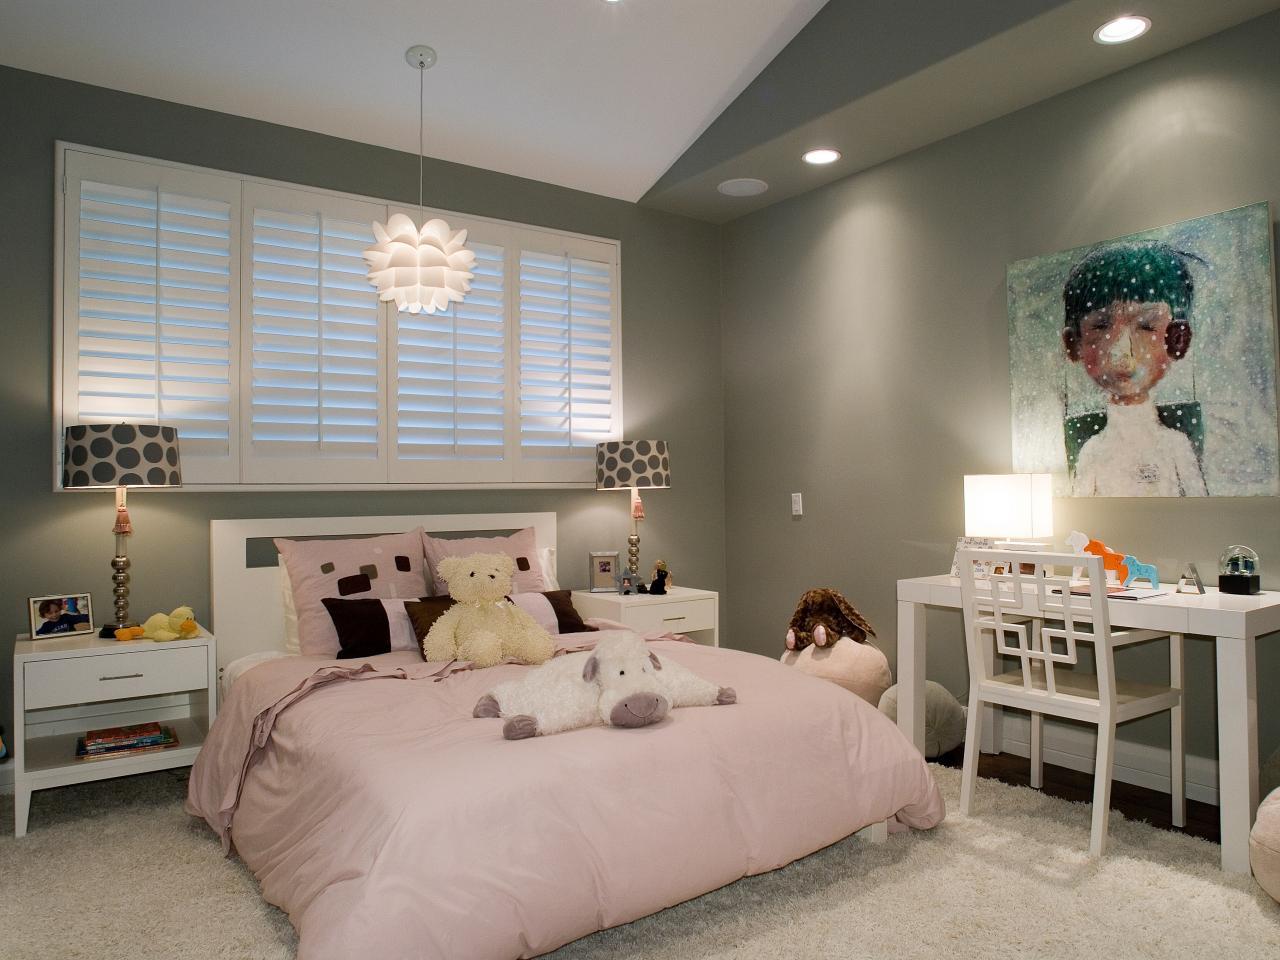 Home Design Deco Bedroom Designs Furniture Chandelier. Donsdiner.co